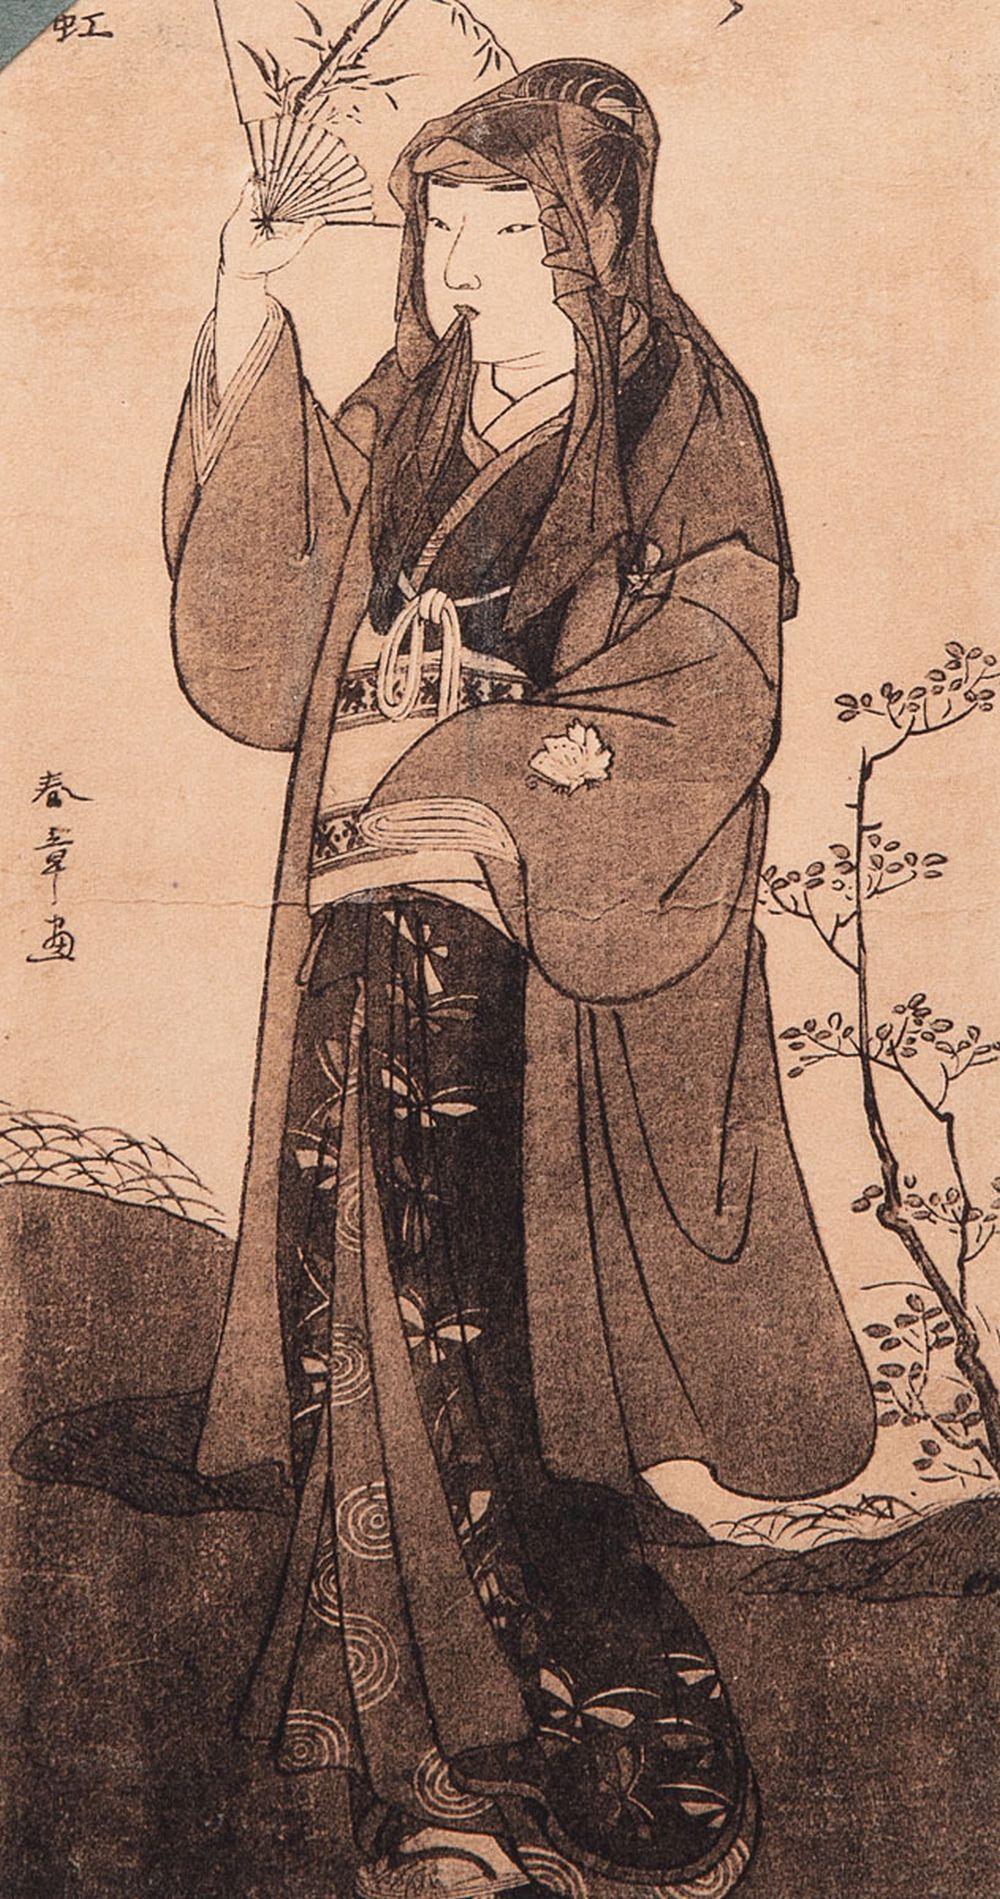 JAPON. Vues, personnages, objets d'art. Ensemble 163 ca